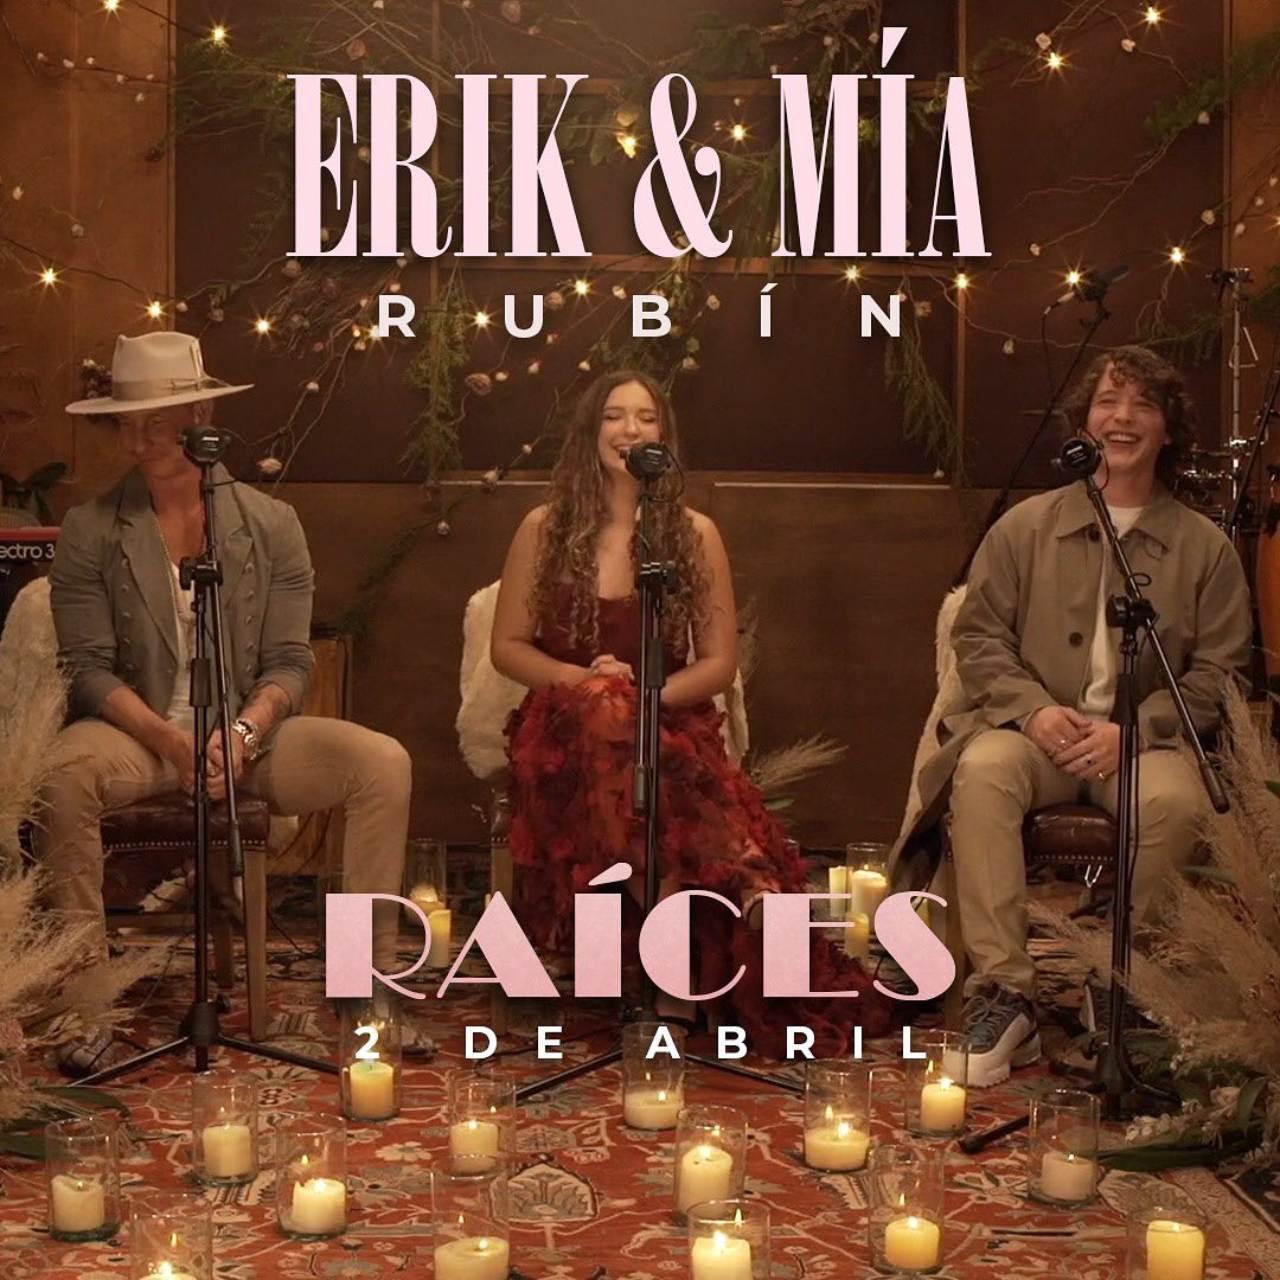 Erik Rubin Mia Rubin concierto Raices